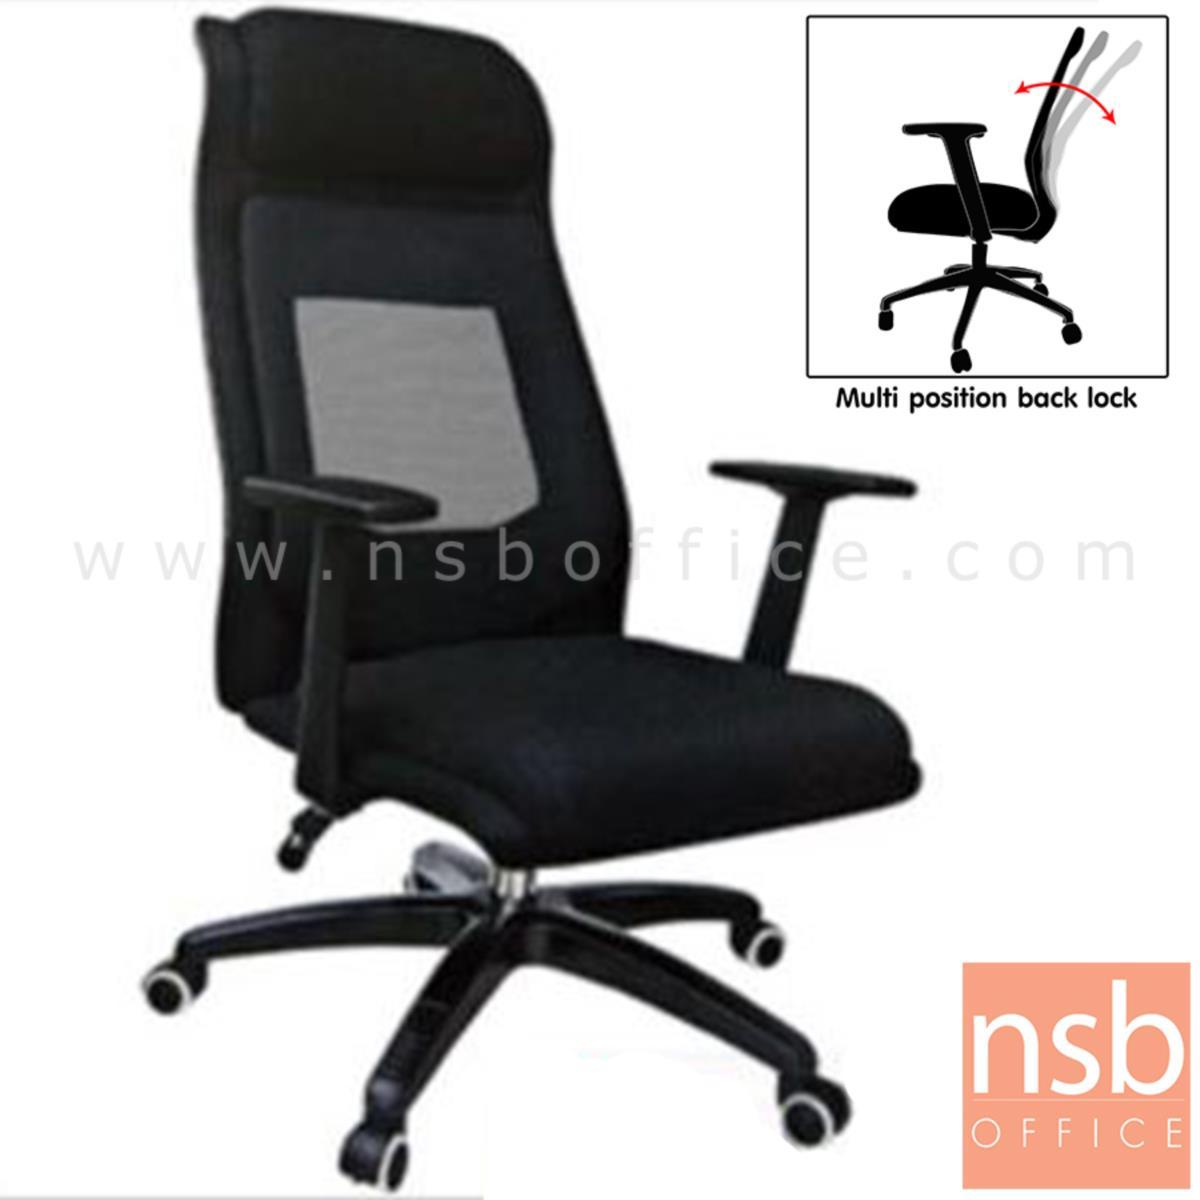 B24A118:เก้าอี้ผู้บริหารหลังเน็ต รุ่น Beecher (บีเชอร์)  โช๊คแก๊ส มีก้อนโยก ขาเหล็กชุบโครเมี่ยม